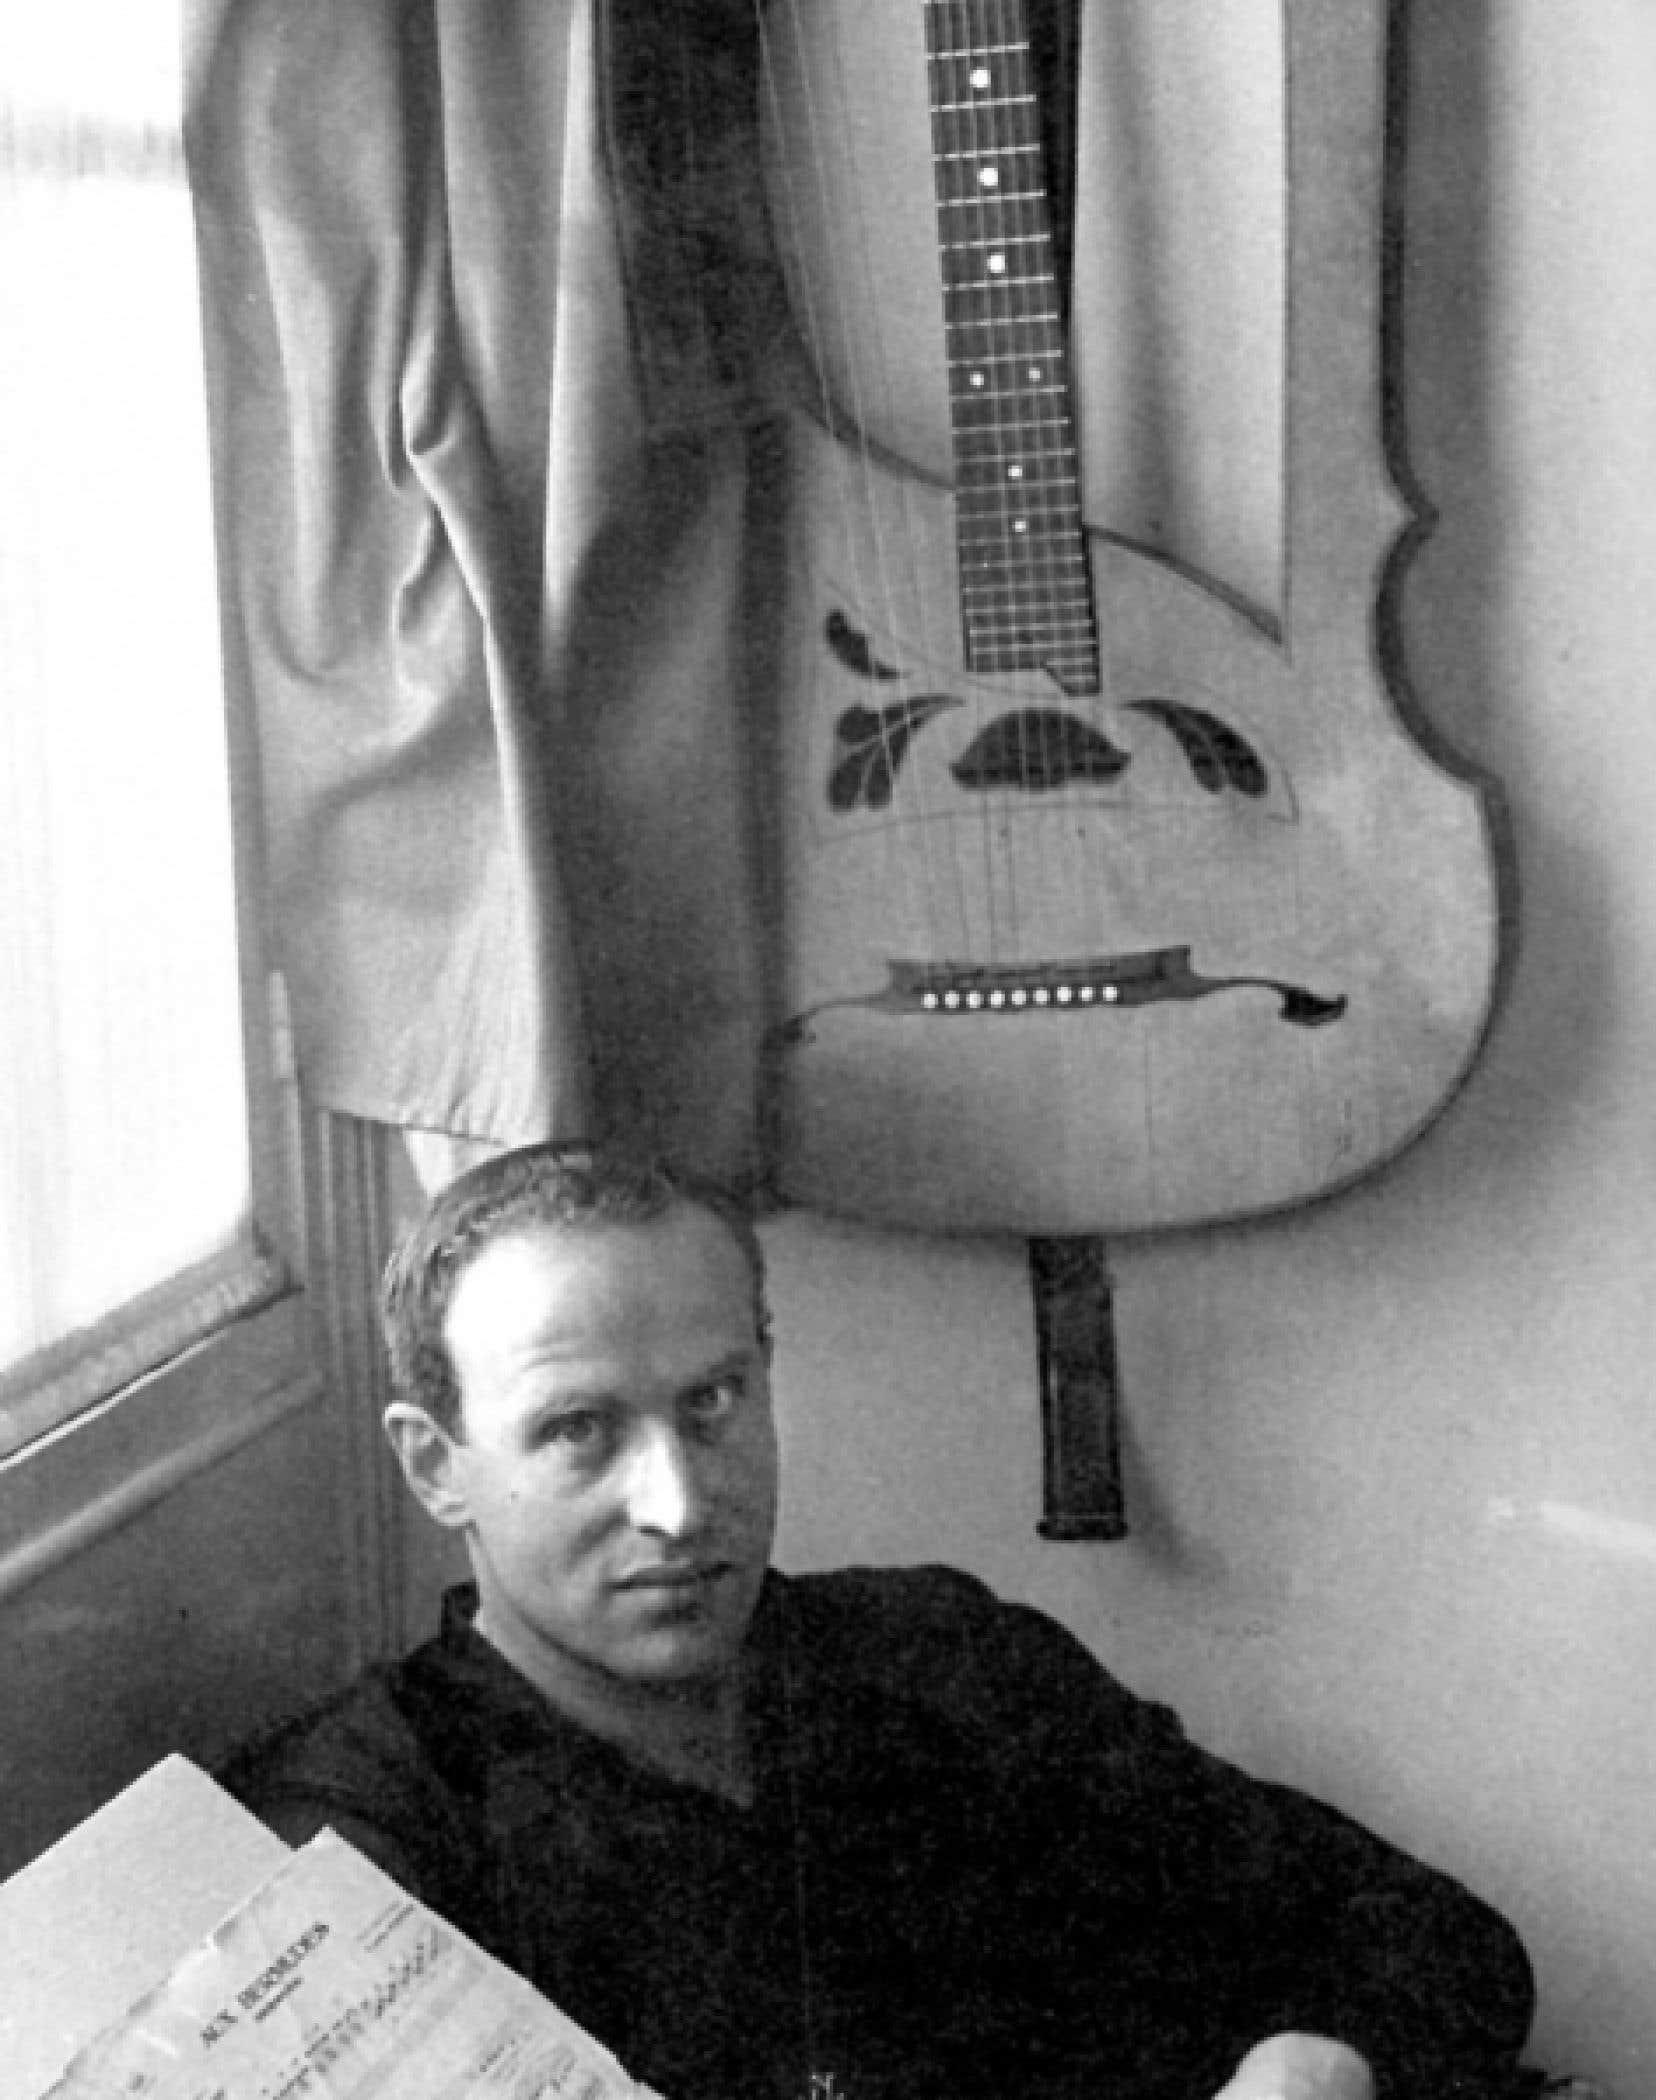 Boris Vian avec sa guitare-lyre en mai 1956, photographié par Willy Ronis <br />